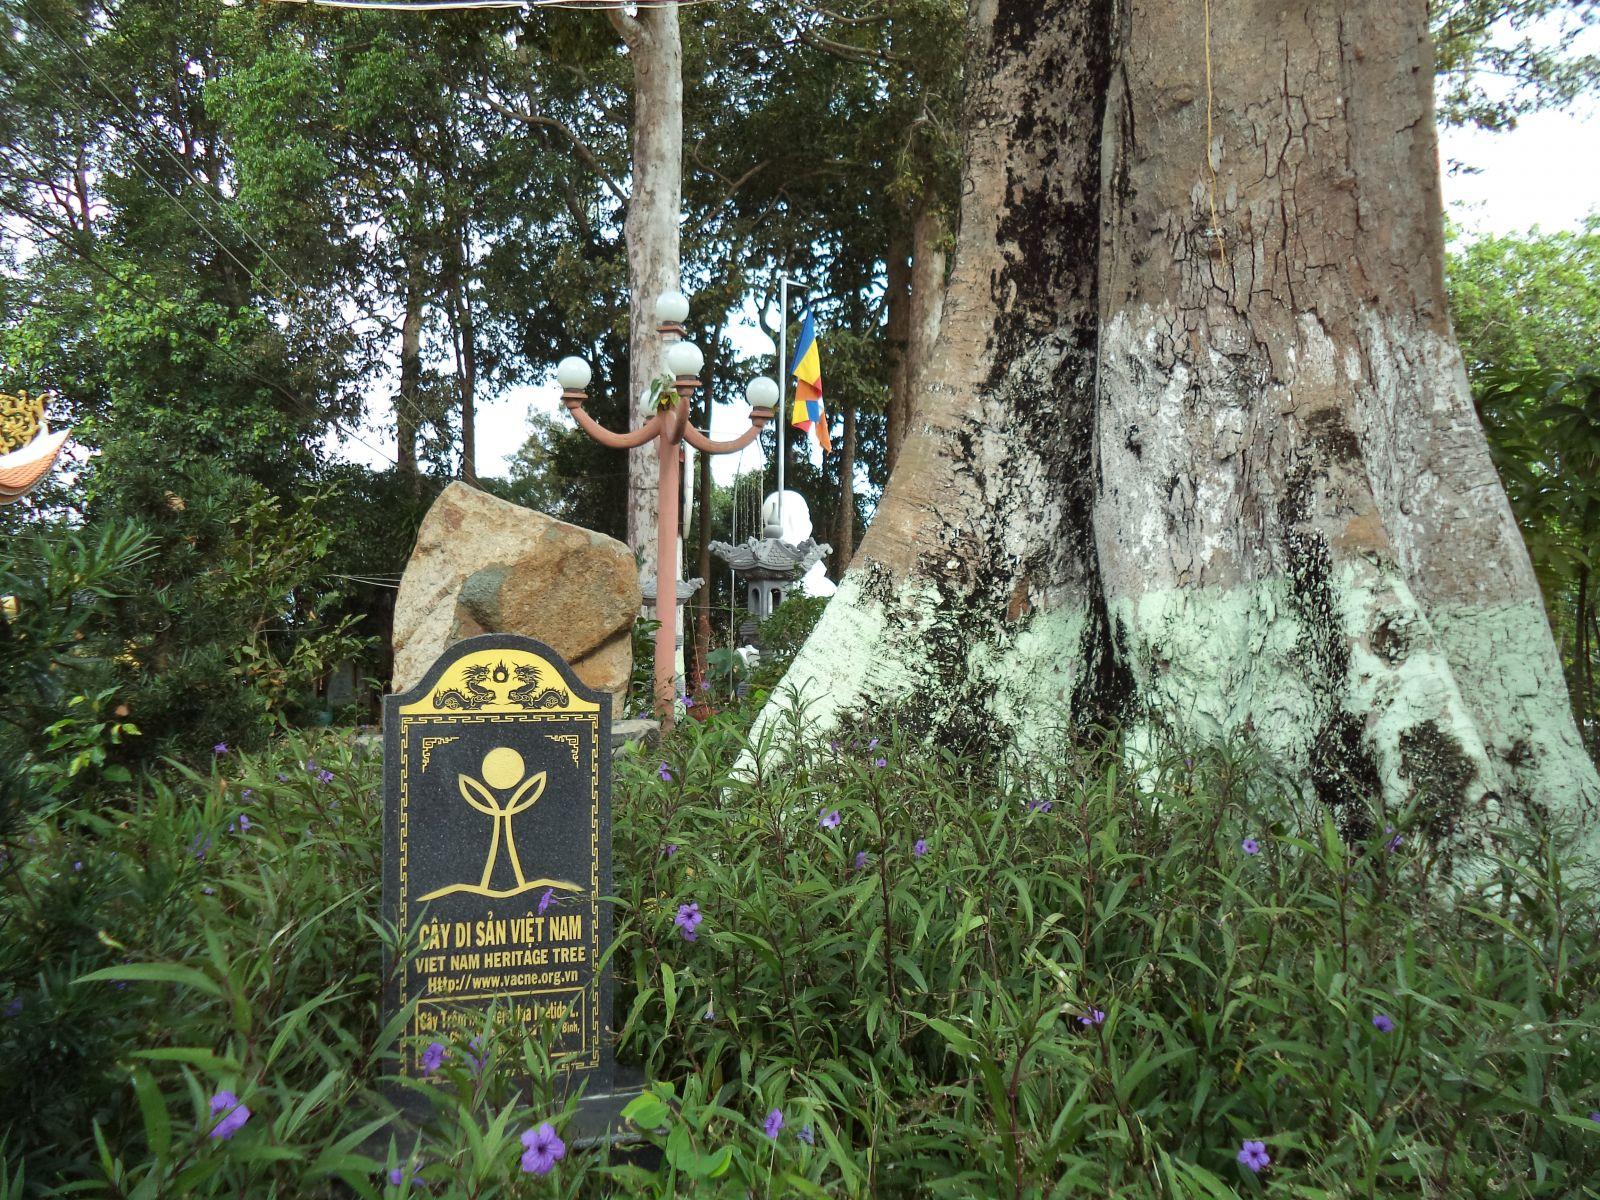 Một trong số cổ thụ Chùa Nổi mang danh hiệu Cây di sản Việt Nam